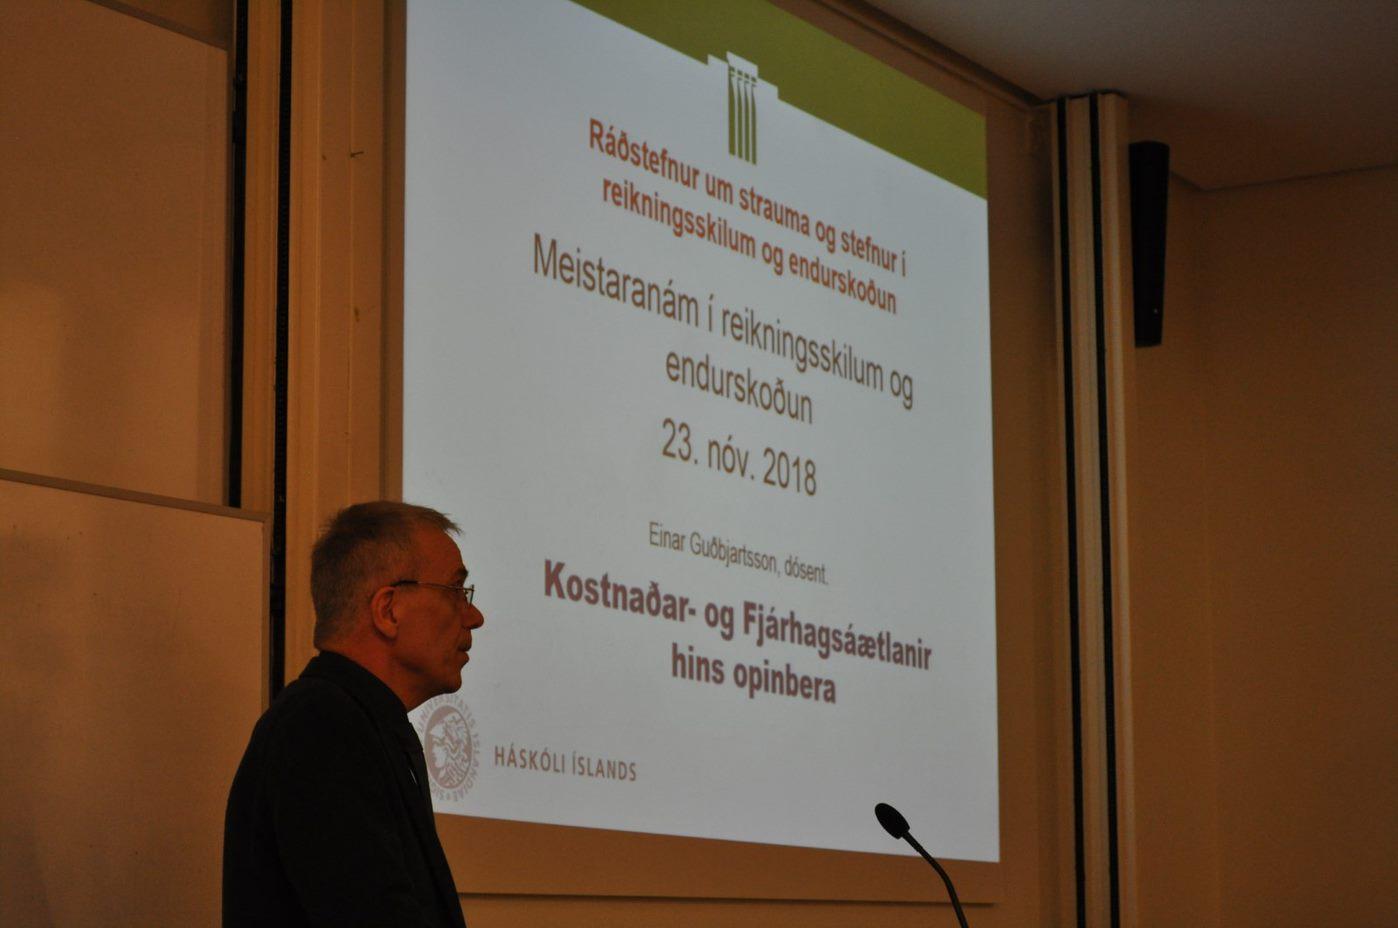 Einar Guðbjartsson